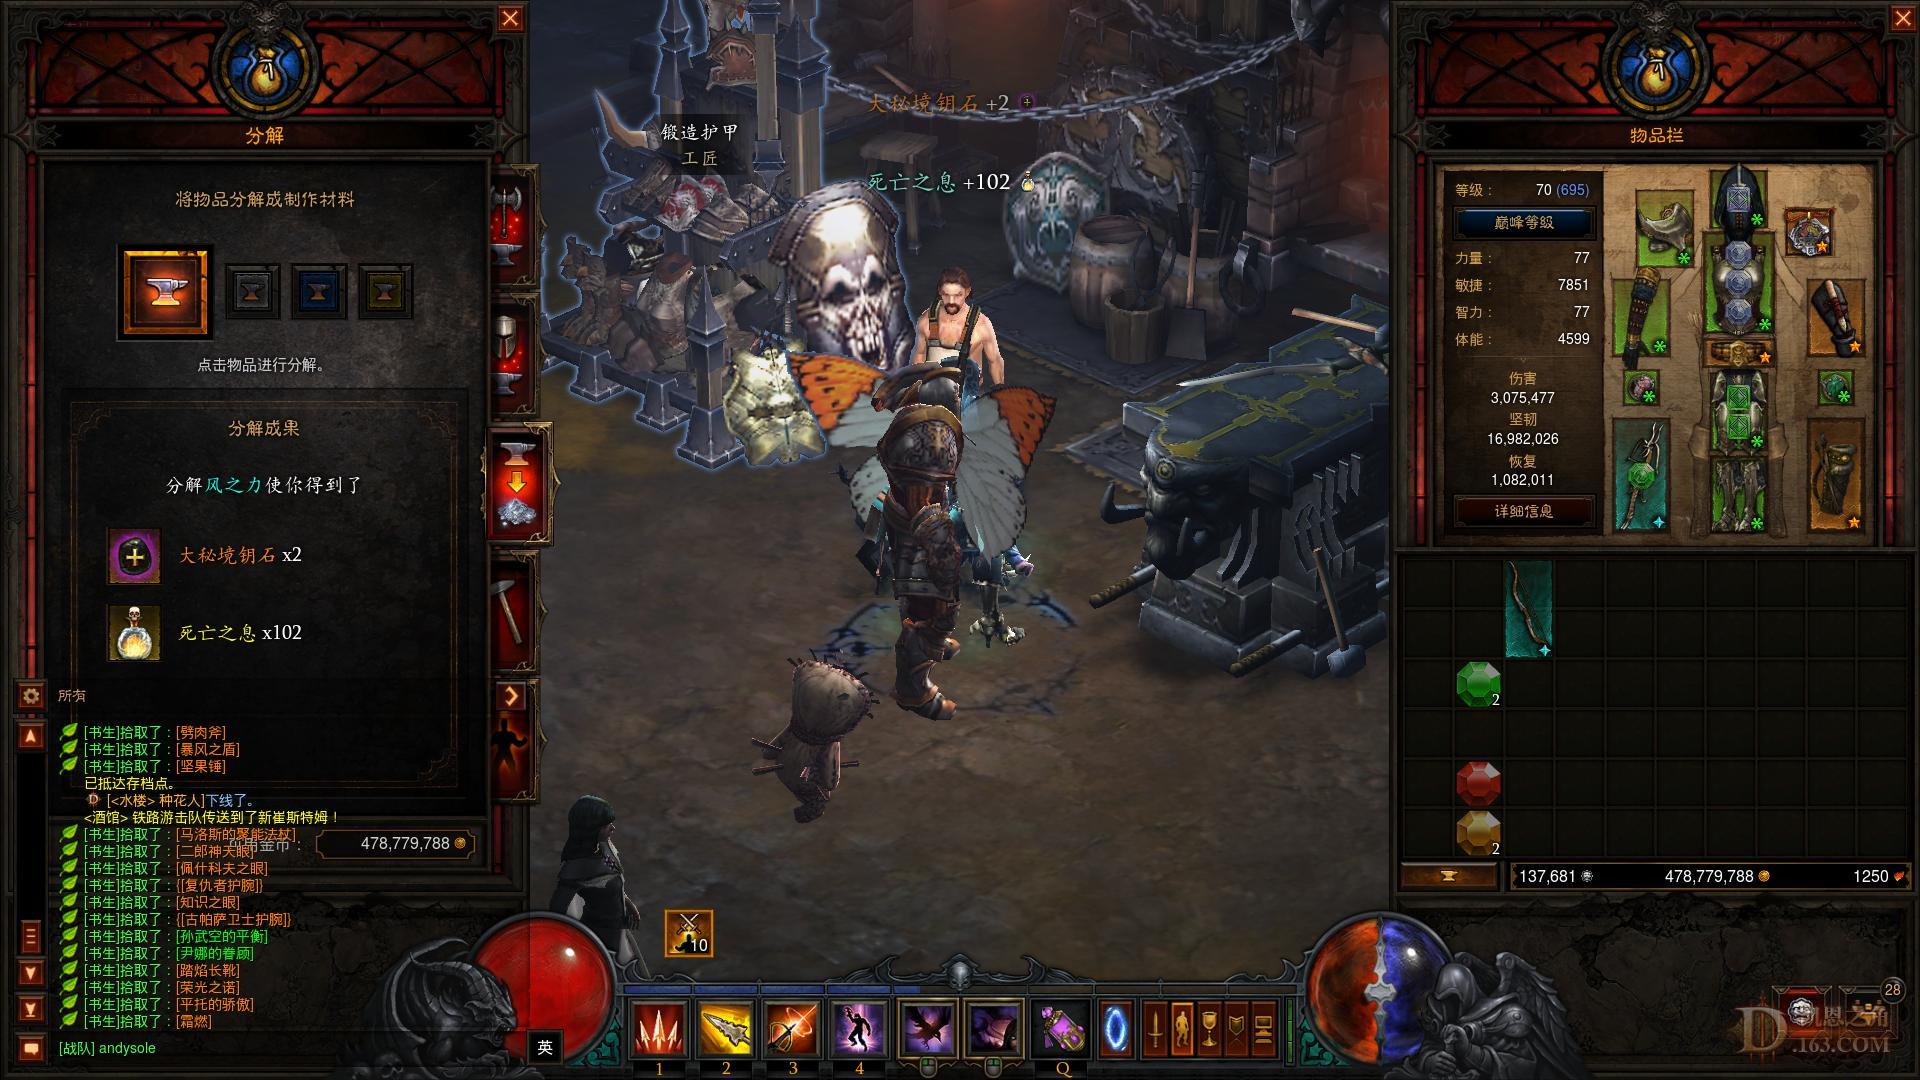 Diablo III64 2021-08-13 21-33-52-38.jpg